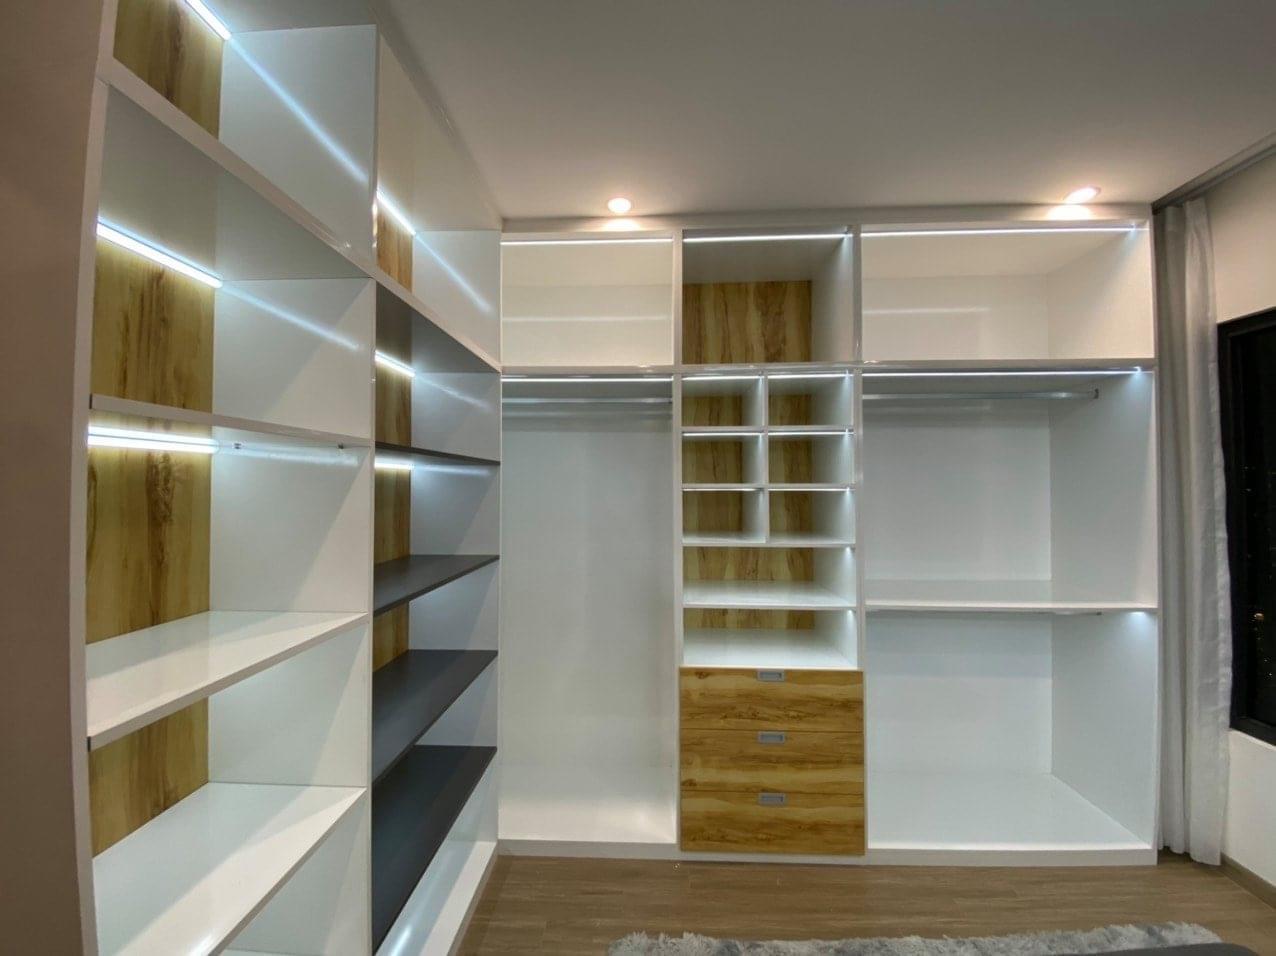 Căn hộ 3 phòng ngủ Toà S5.03 đầy đủ nội thất 12tr/tháng 2